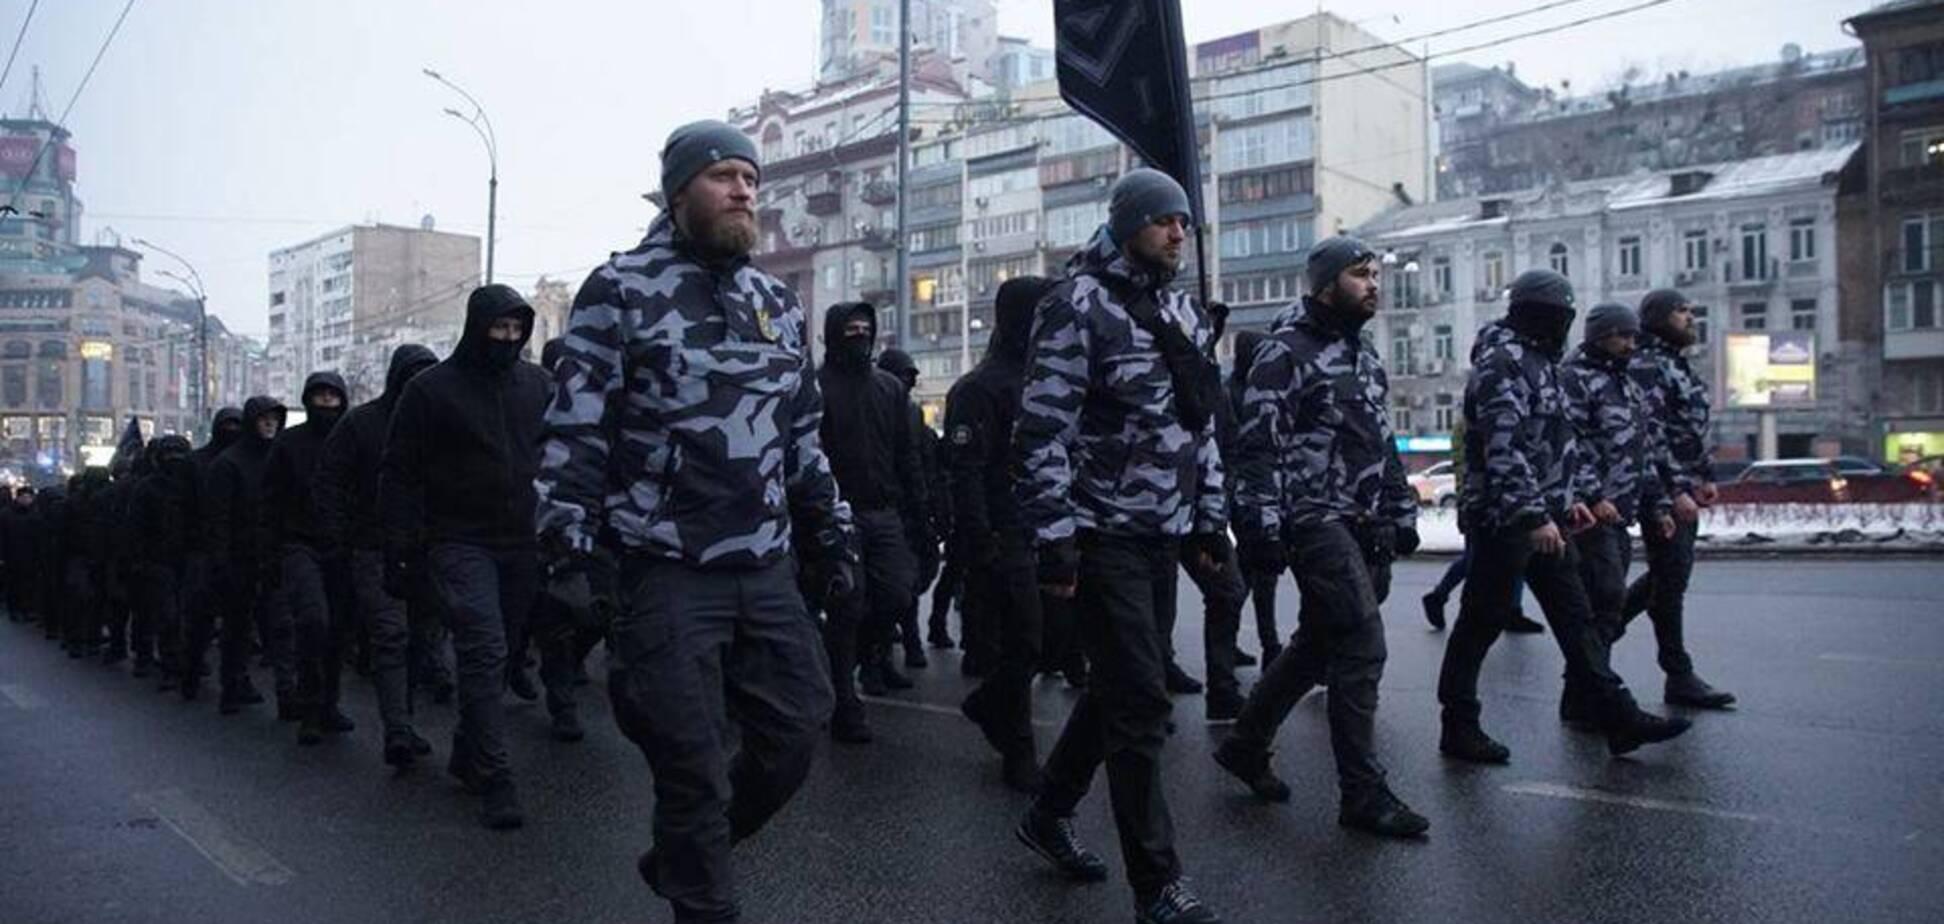 Билецкий пояснил, почему бойцы 'Нацдружин' скрывают лица балаклавами